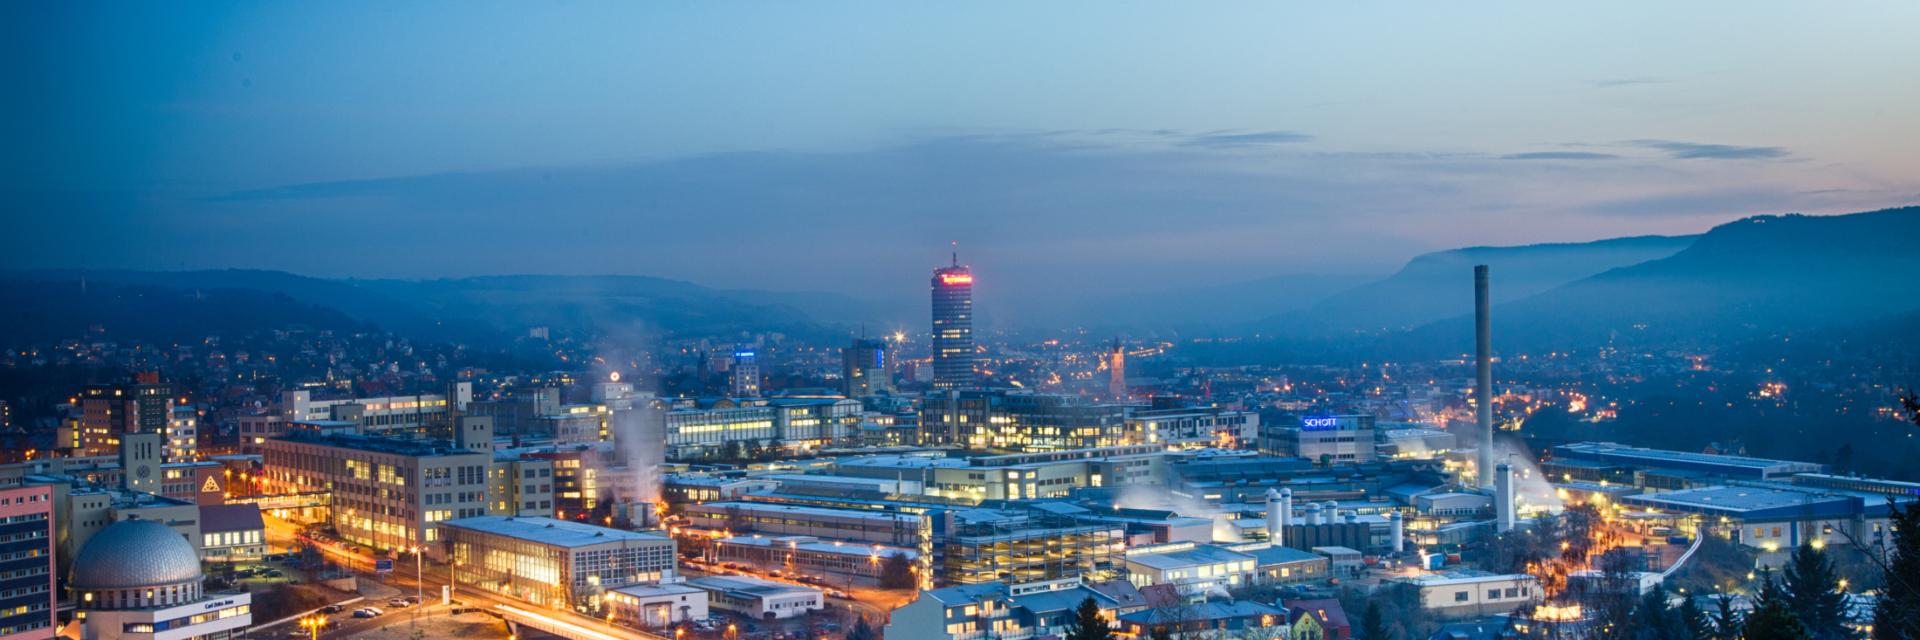 Stadtansicht vom Waldrand auf das beleuchtete Zeiss und Schott Gelände © JenaKultur , Foto: André Gräf